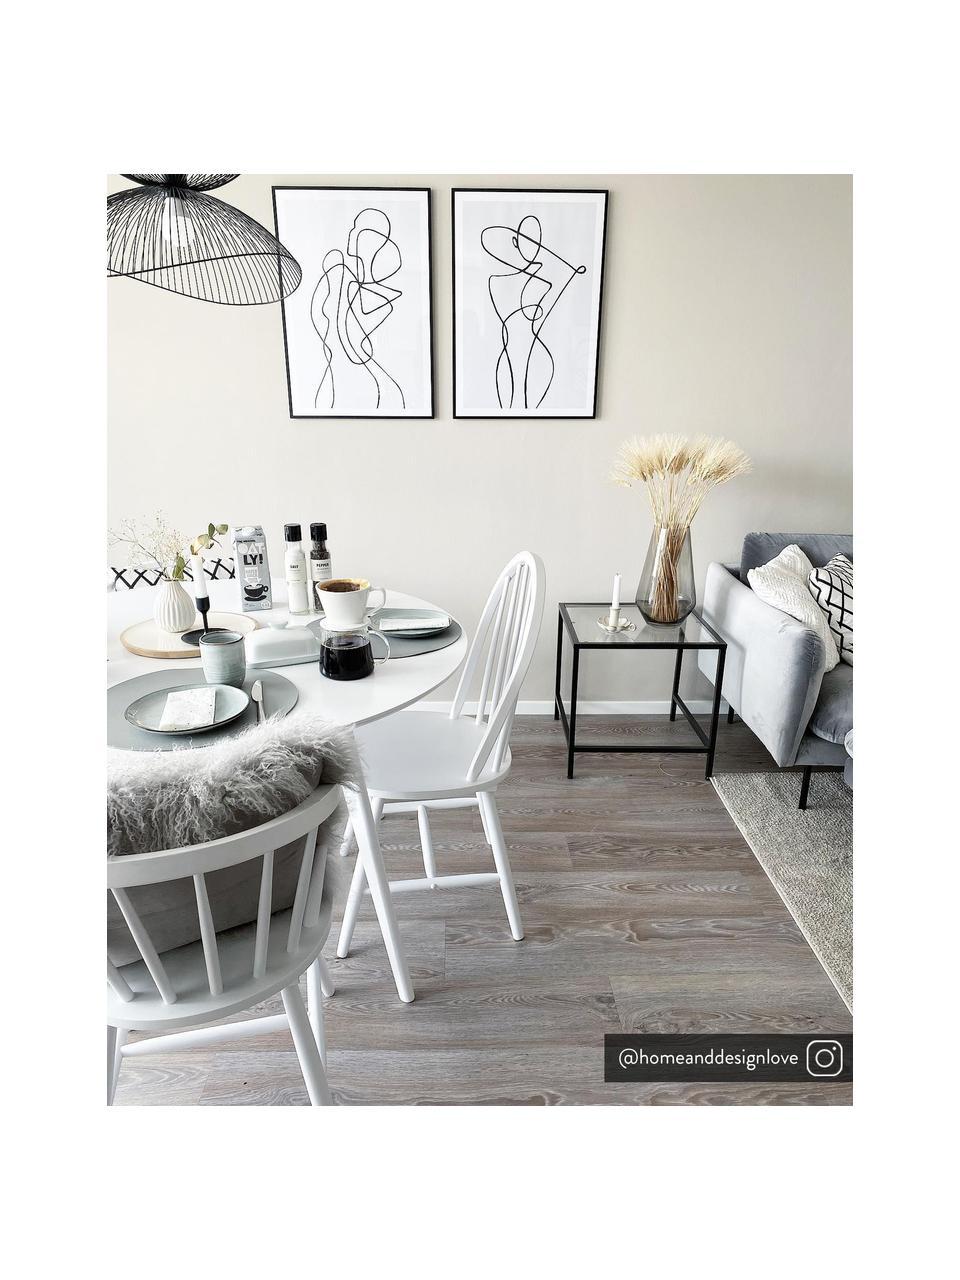 Krzesło Windsor z drewna Megan, 2 szt., Drewno kauczukowe, lakierowane, Biały, S 46 x G 51 cm